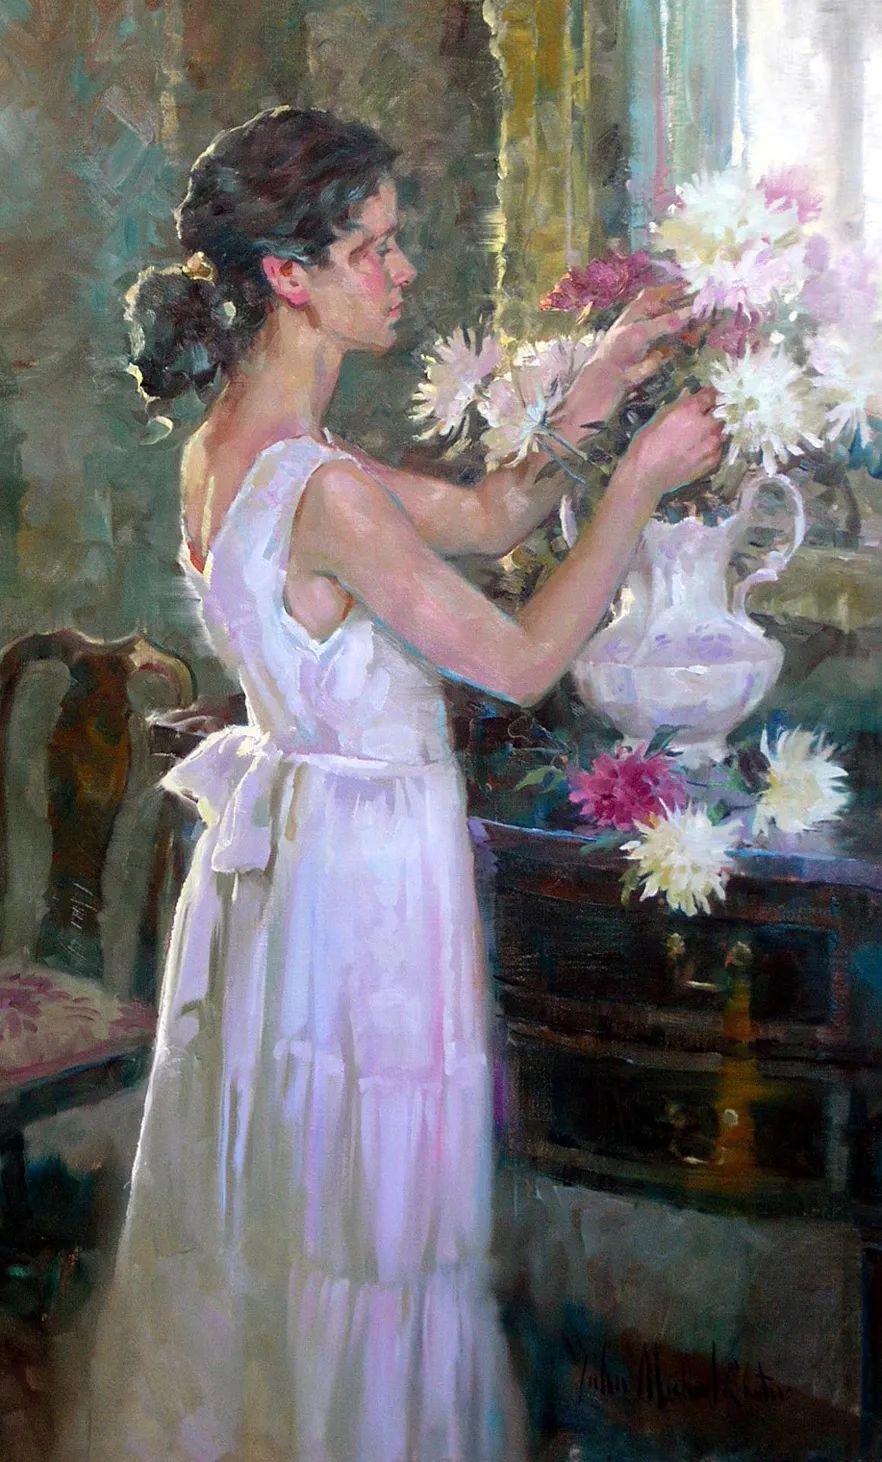 女人与花,世间最美的画卷!插图1